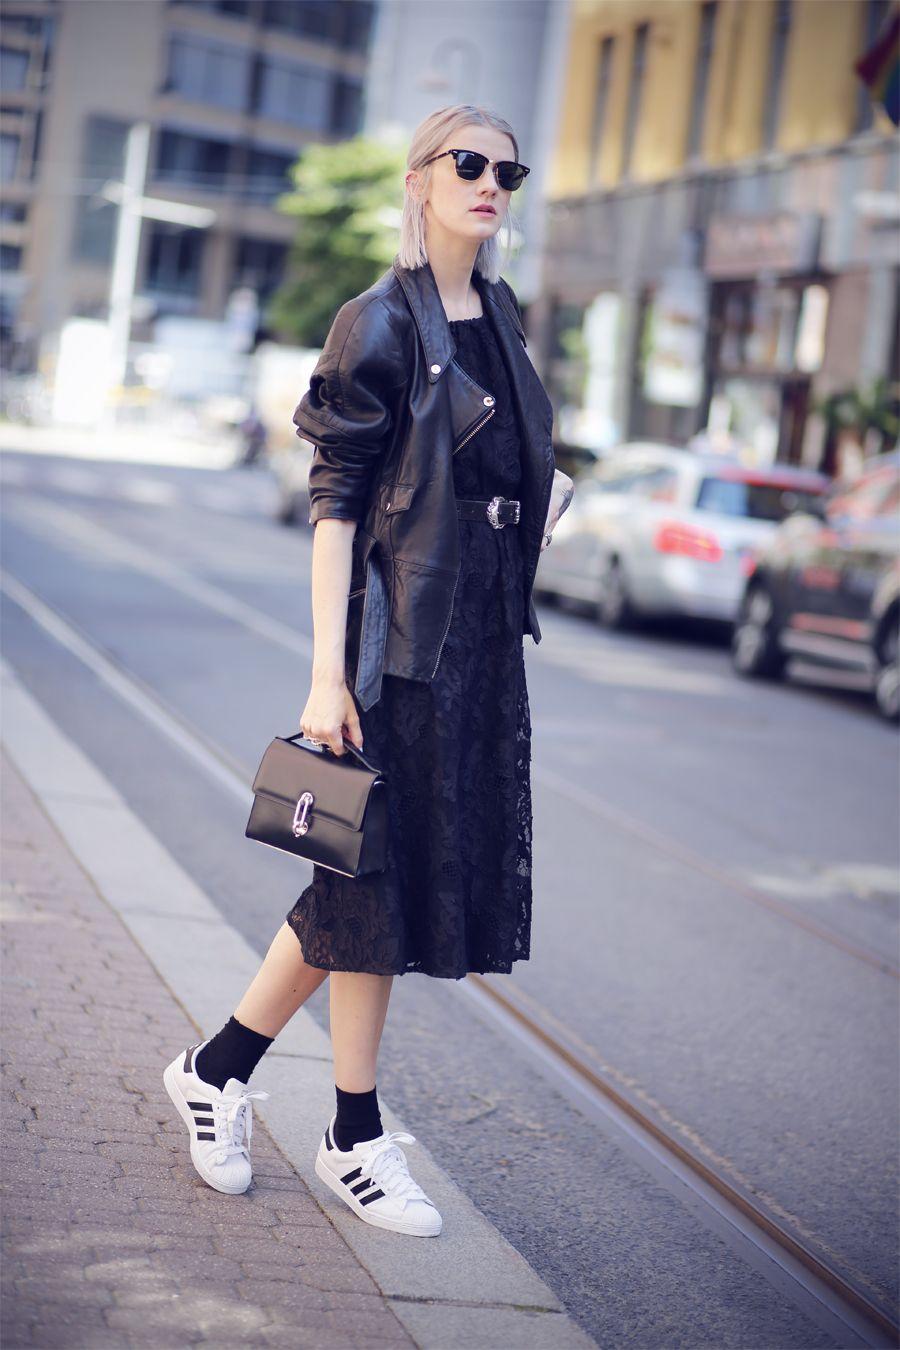 styledevil   Fashion, Style, Black lace